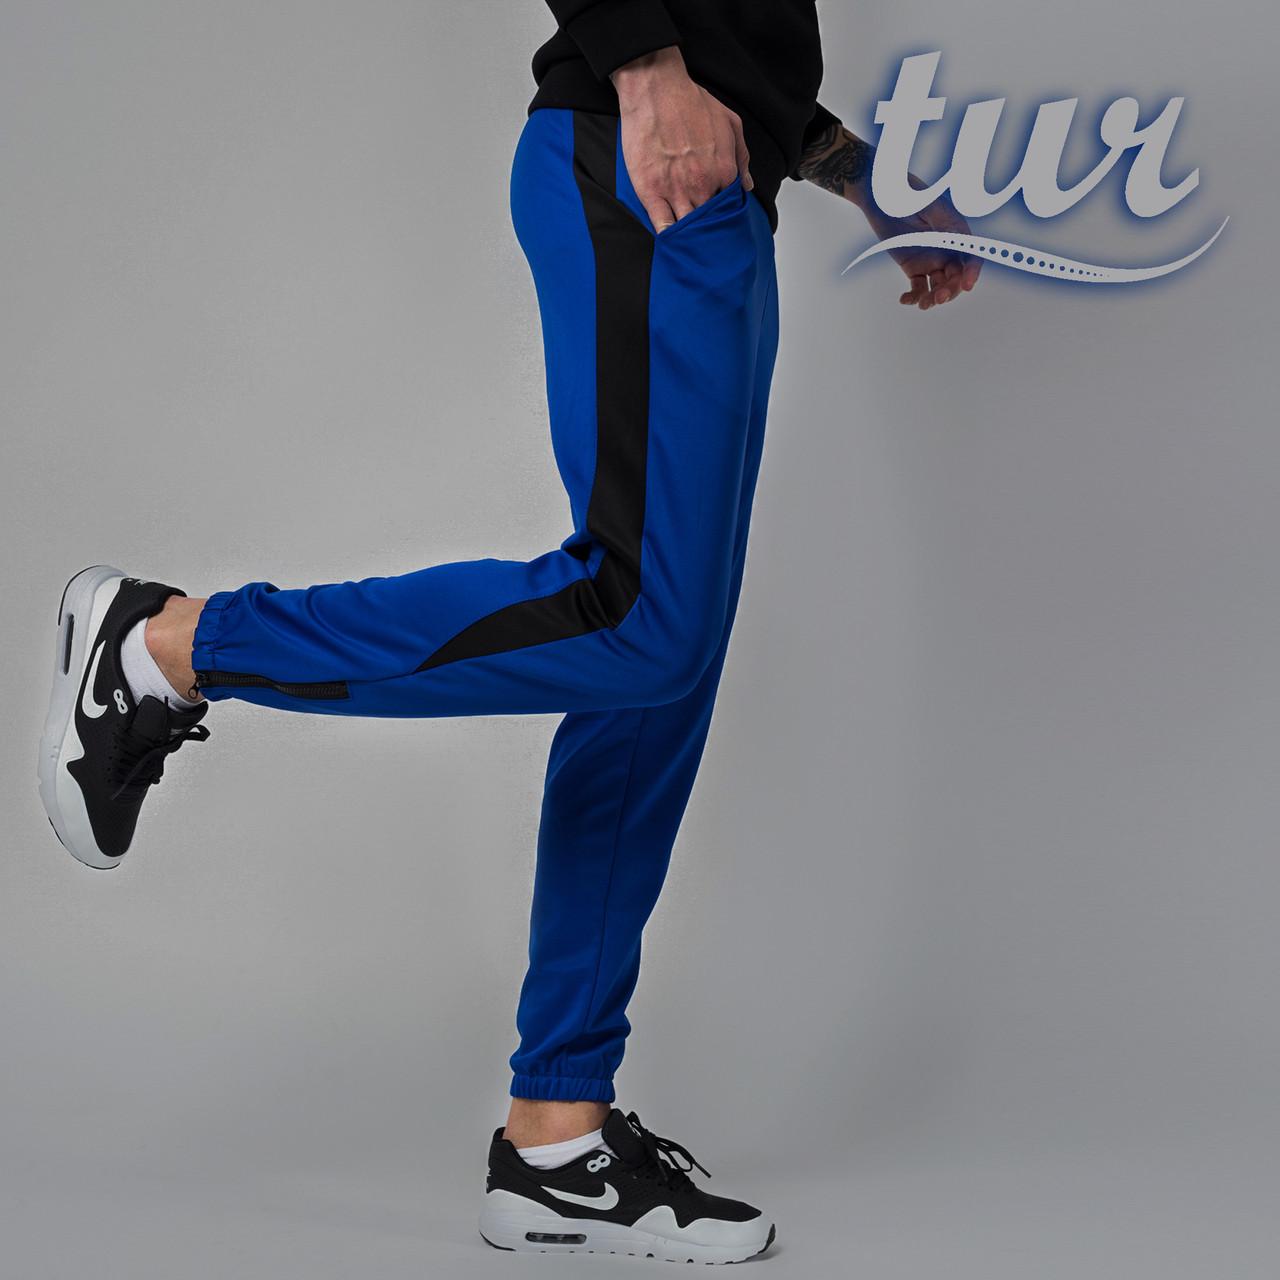 Спортивные штаны синие (электрик) с лампасами мужские от бренда ТУР модель Рокки (Rocky) размер XS, S, M, L,XL